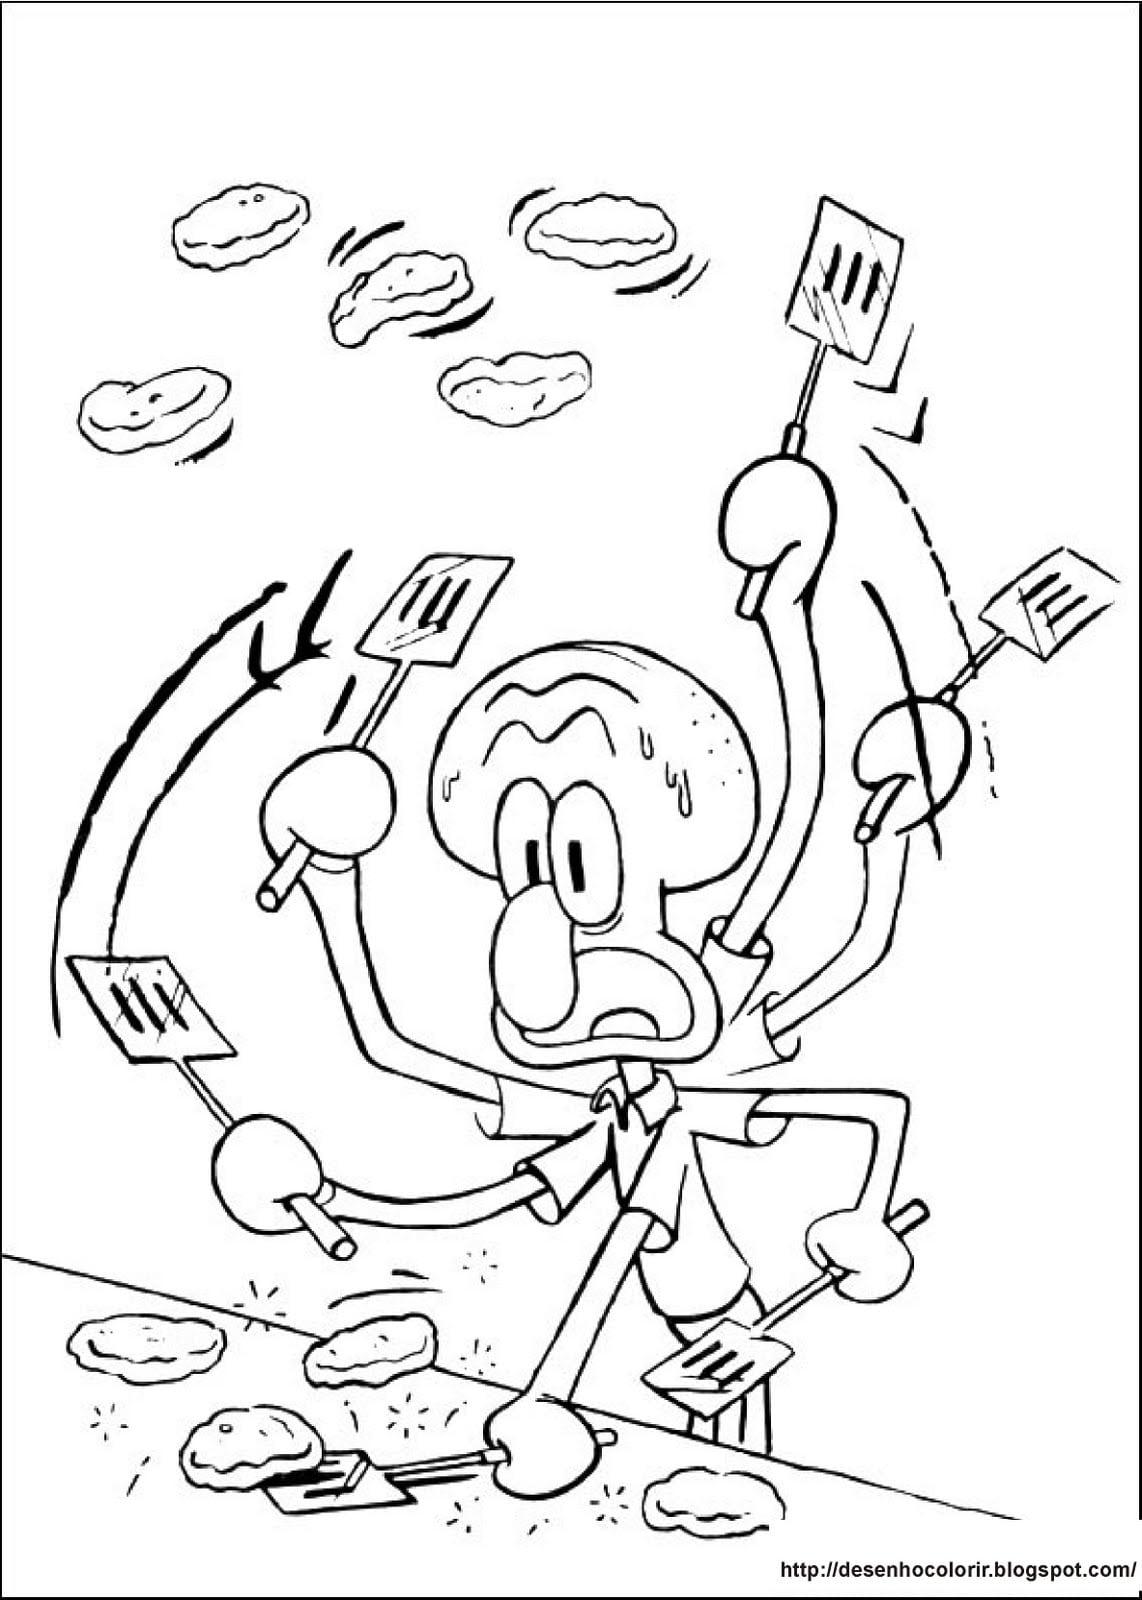 Desenhos Para Colorir  Bob Esponja 9 Desenhos Para Colorir